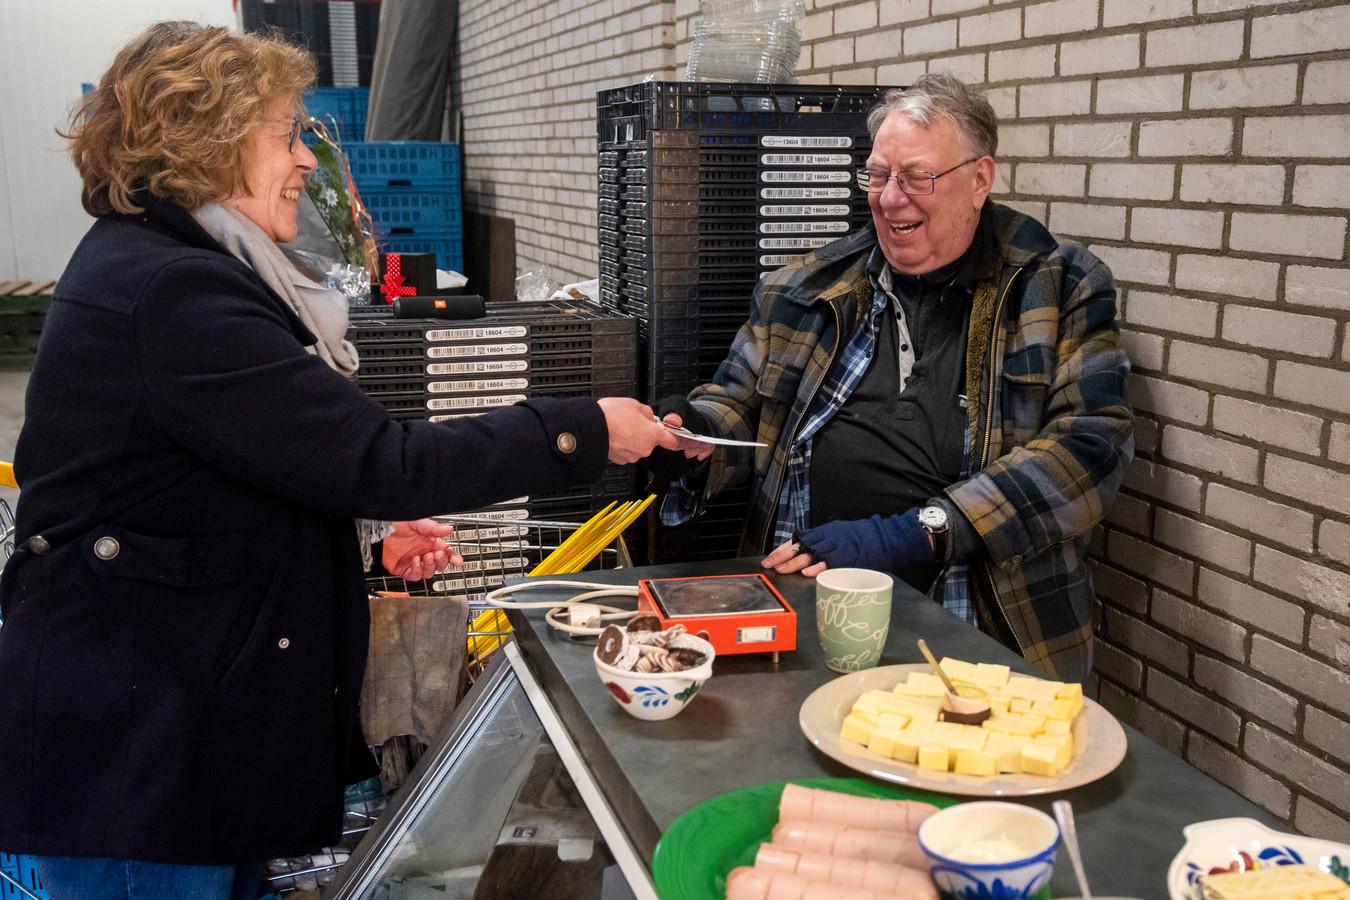 Een attentie voor Gradus Peeters tijdens zijn afscheid op 21 december vorig jaar. Bijna achttien jaar lang had hij twee dagen in de week de bewoners van de Brouwerijweg en omliggende straten voorzien van groenten en fruit.